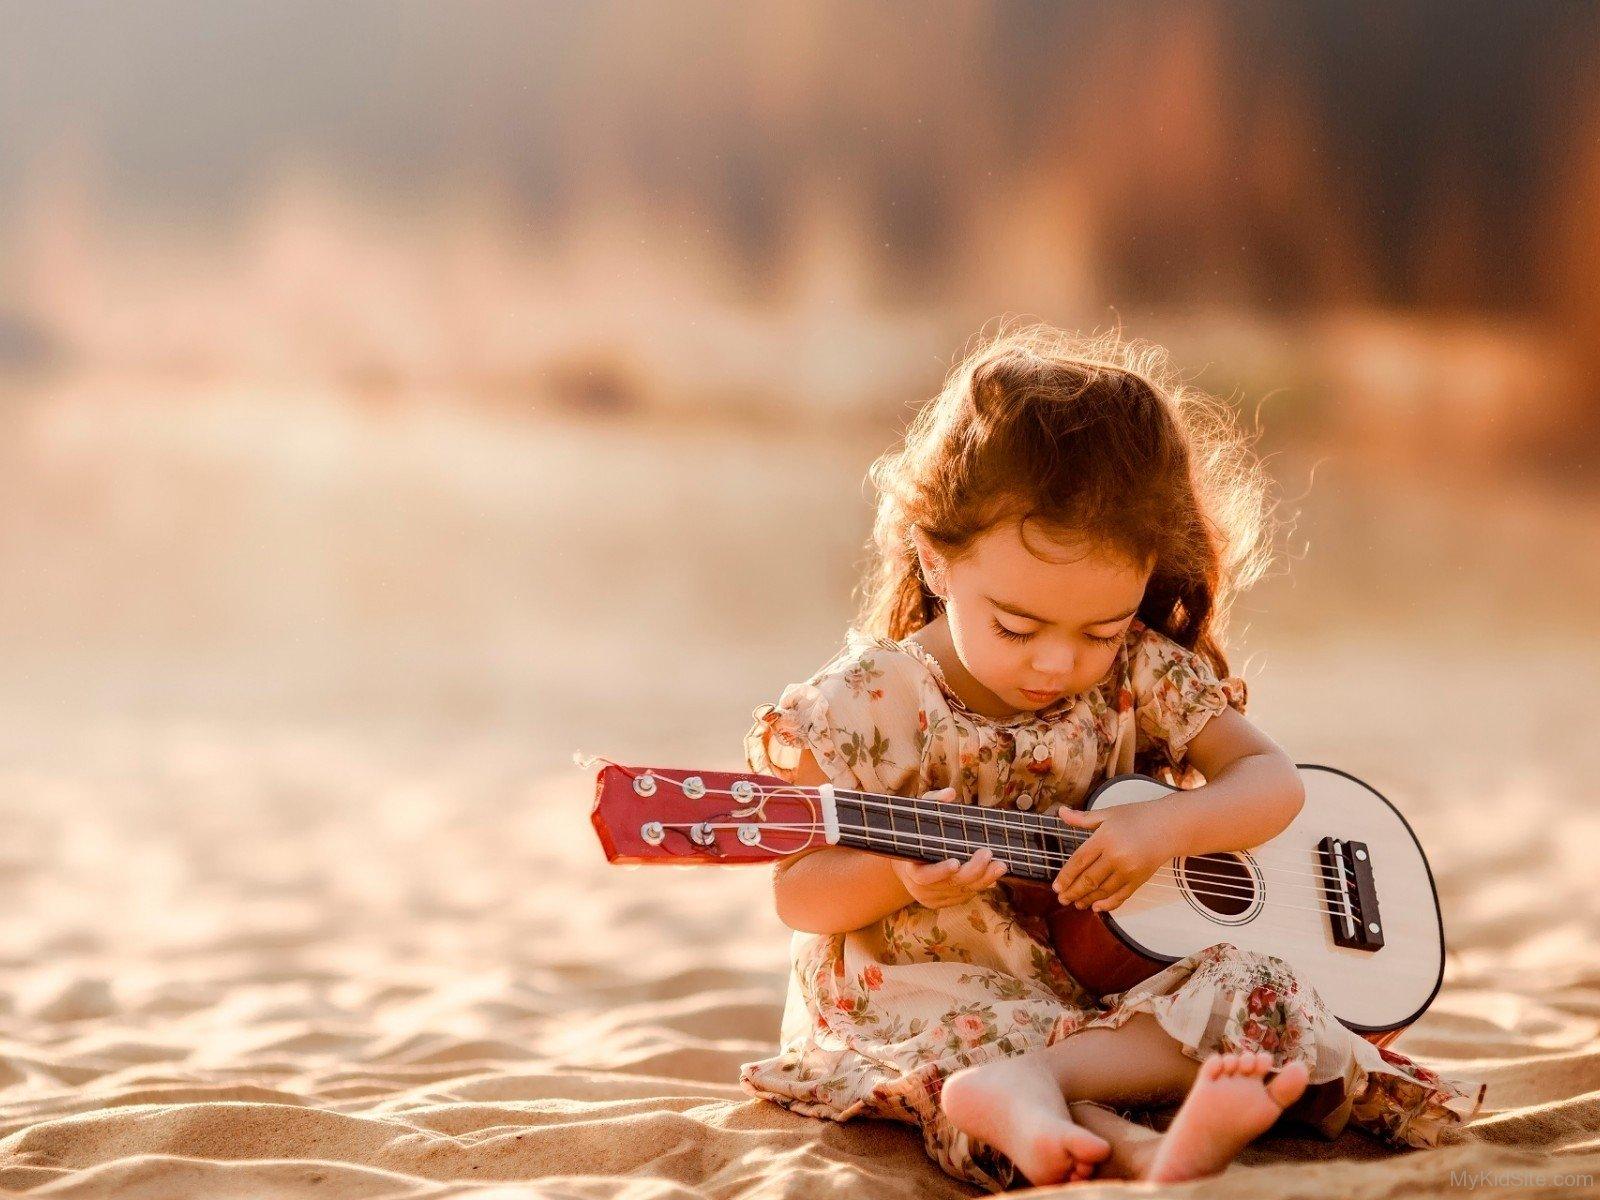 Nepali Cute Girl Wallpaper Sweet Girl Playing Guitar